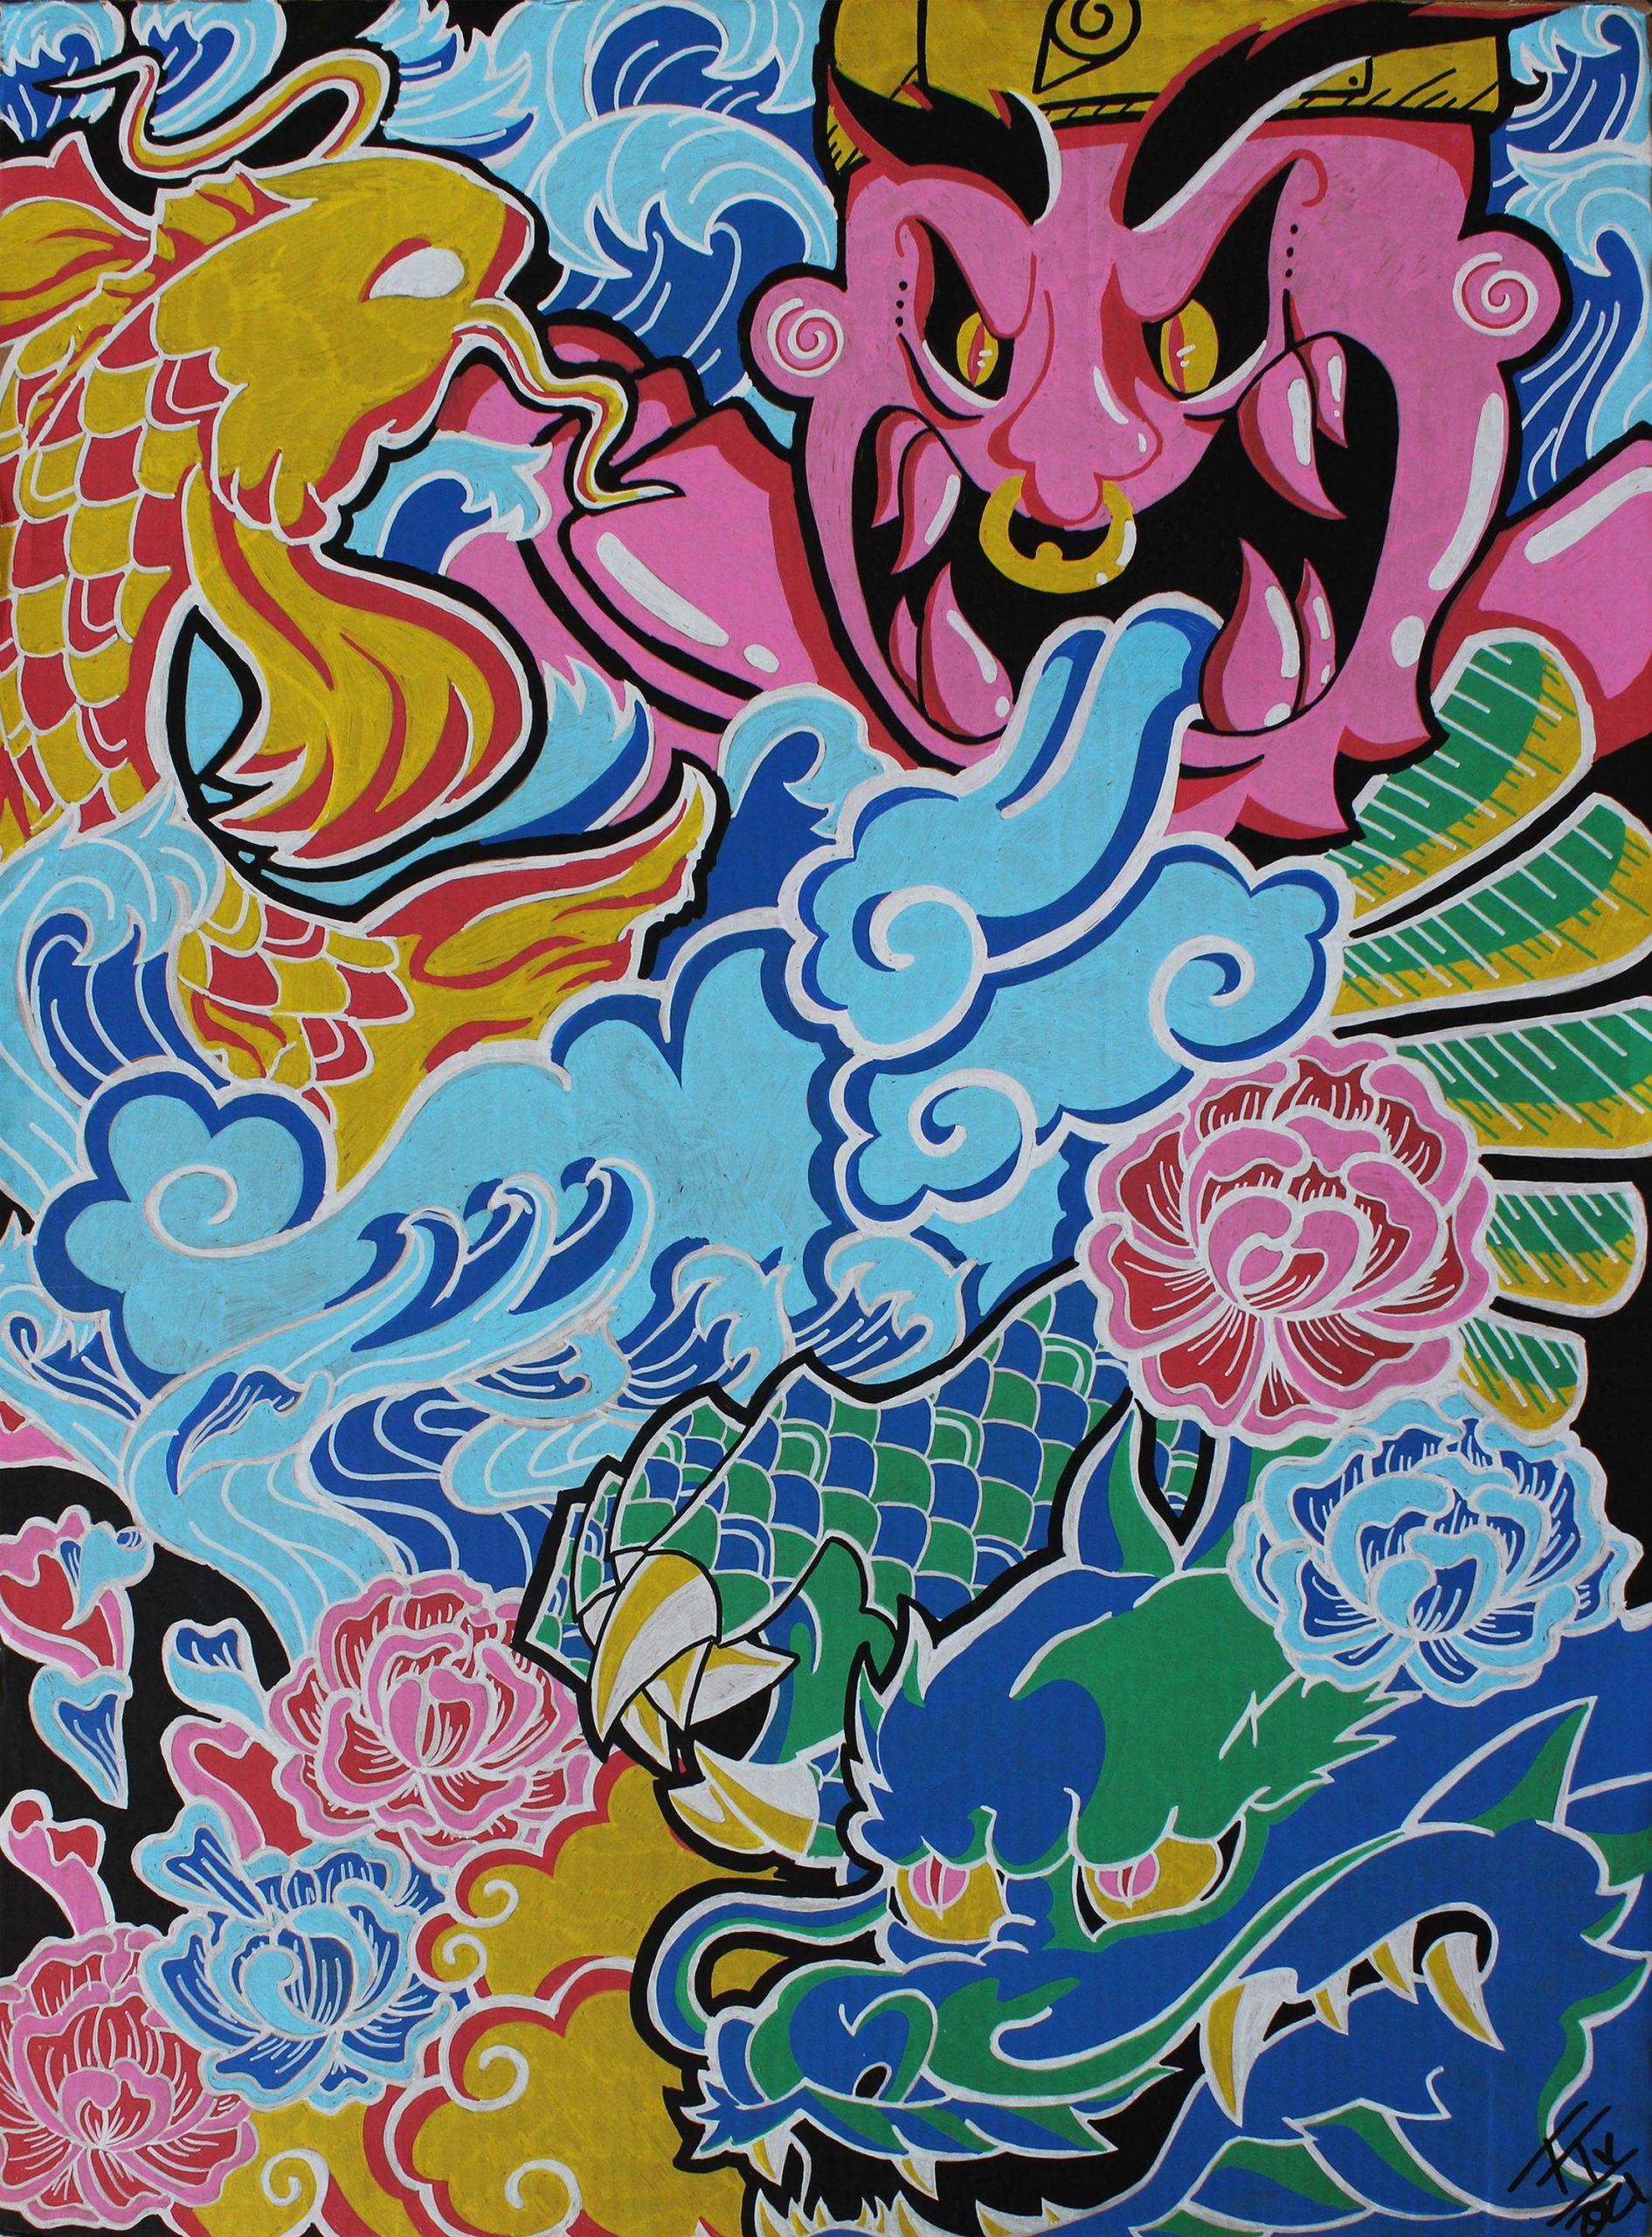 Colors of the Yakuza